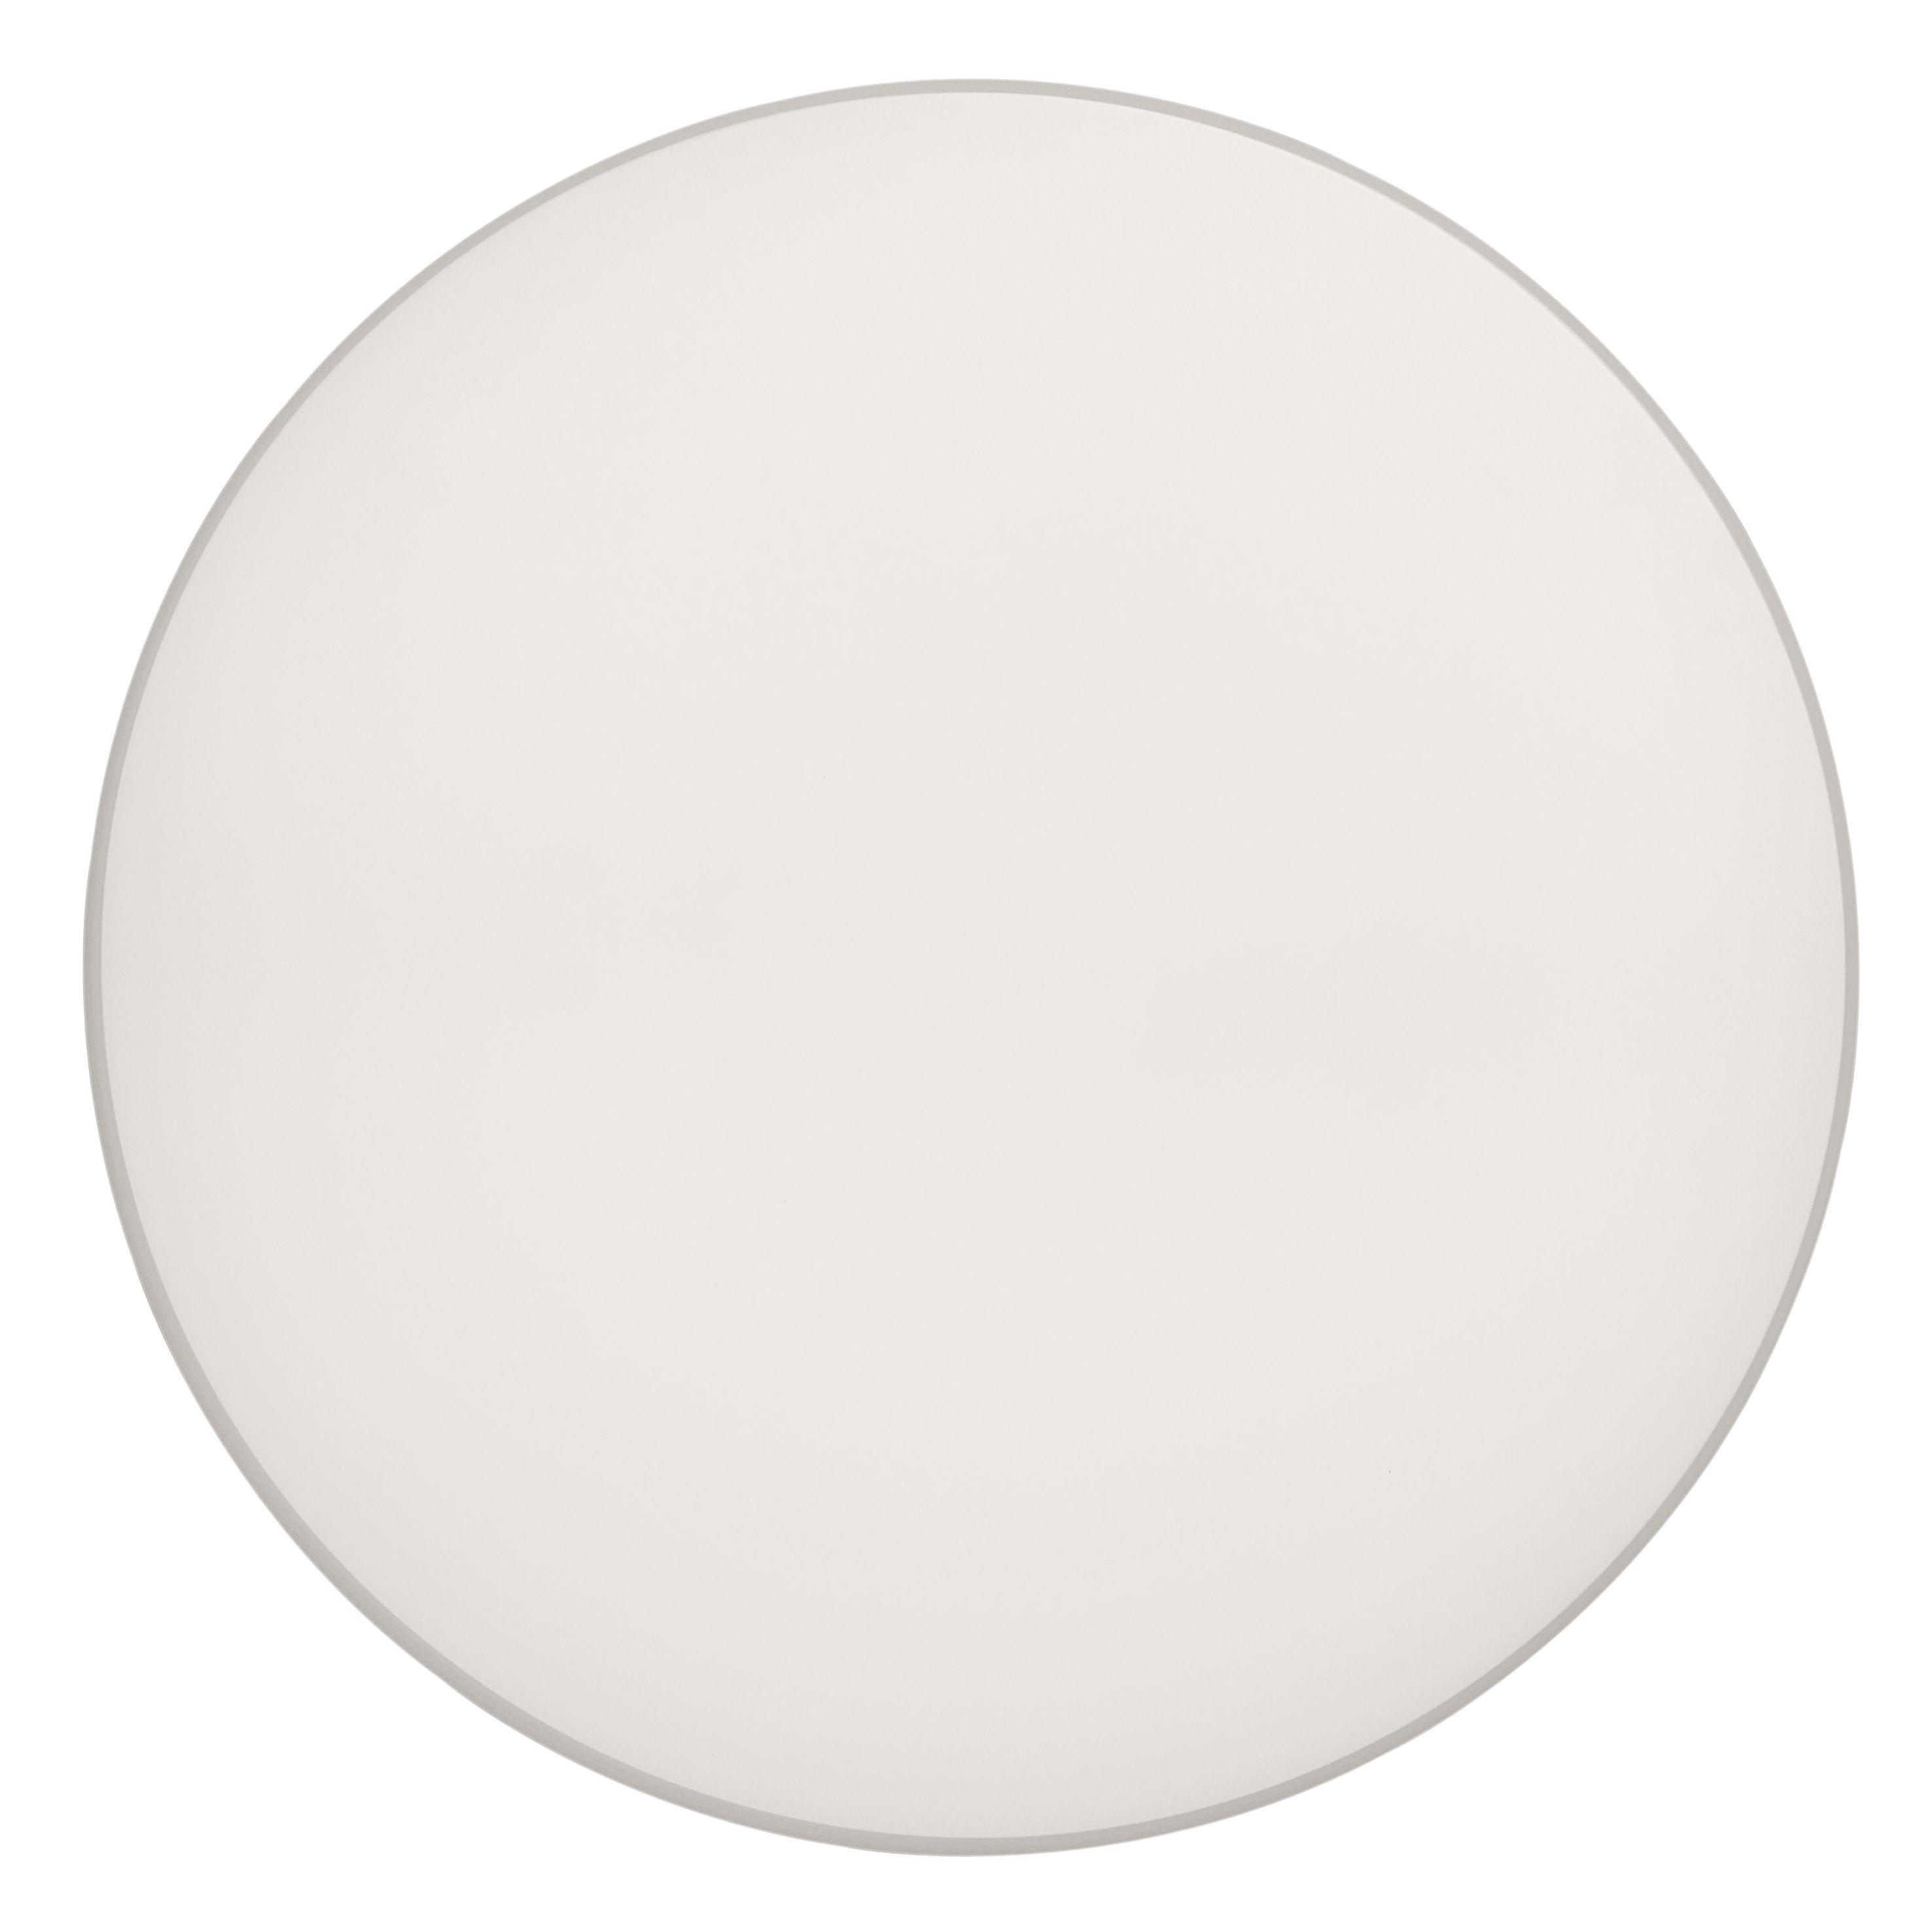 Leuchten - Wandleuchten - Clara LED Wandleuchte / Deckenleuchte - Ø 60 cm - Flos - Weiß - Polykarbonat